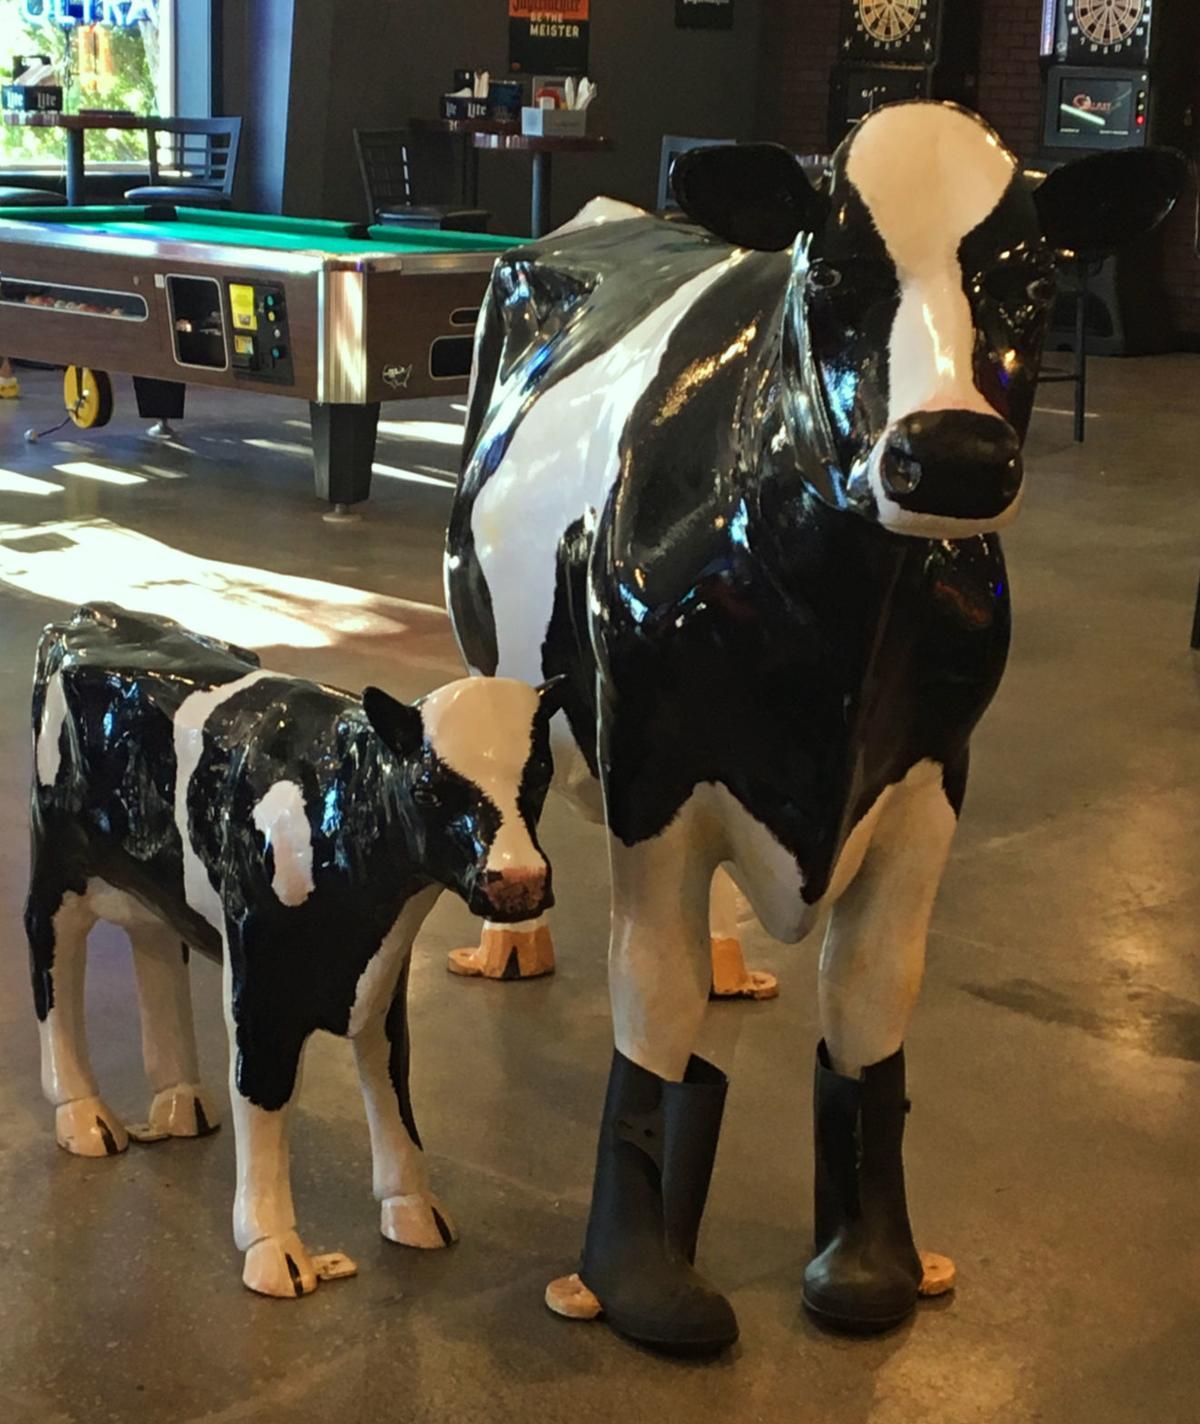 Interior cows